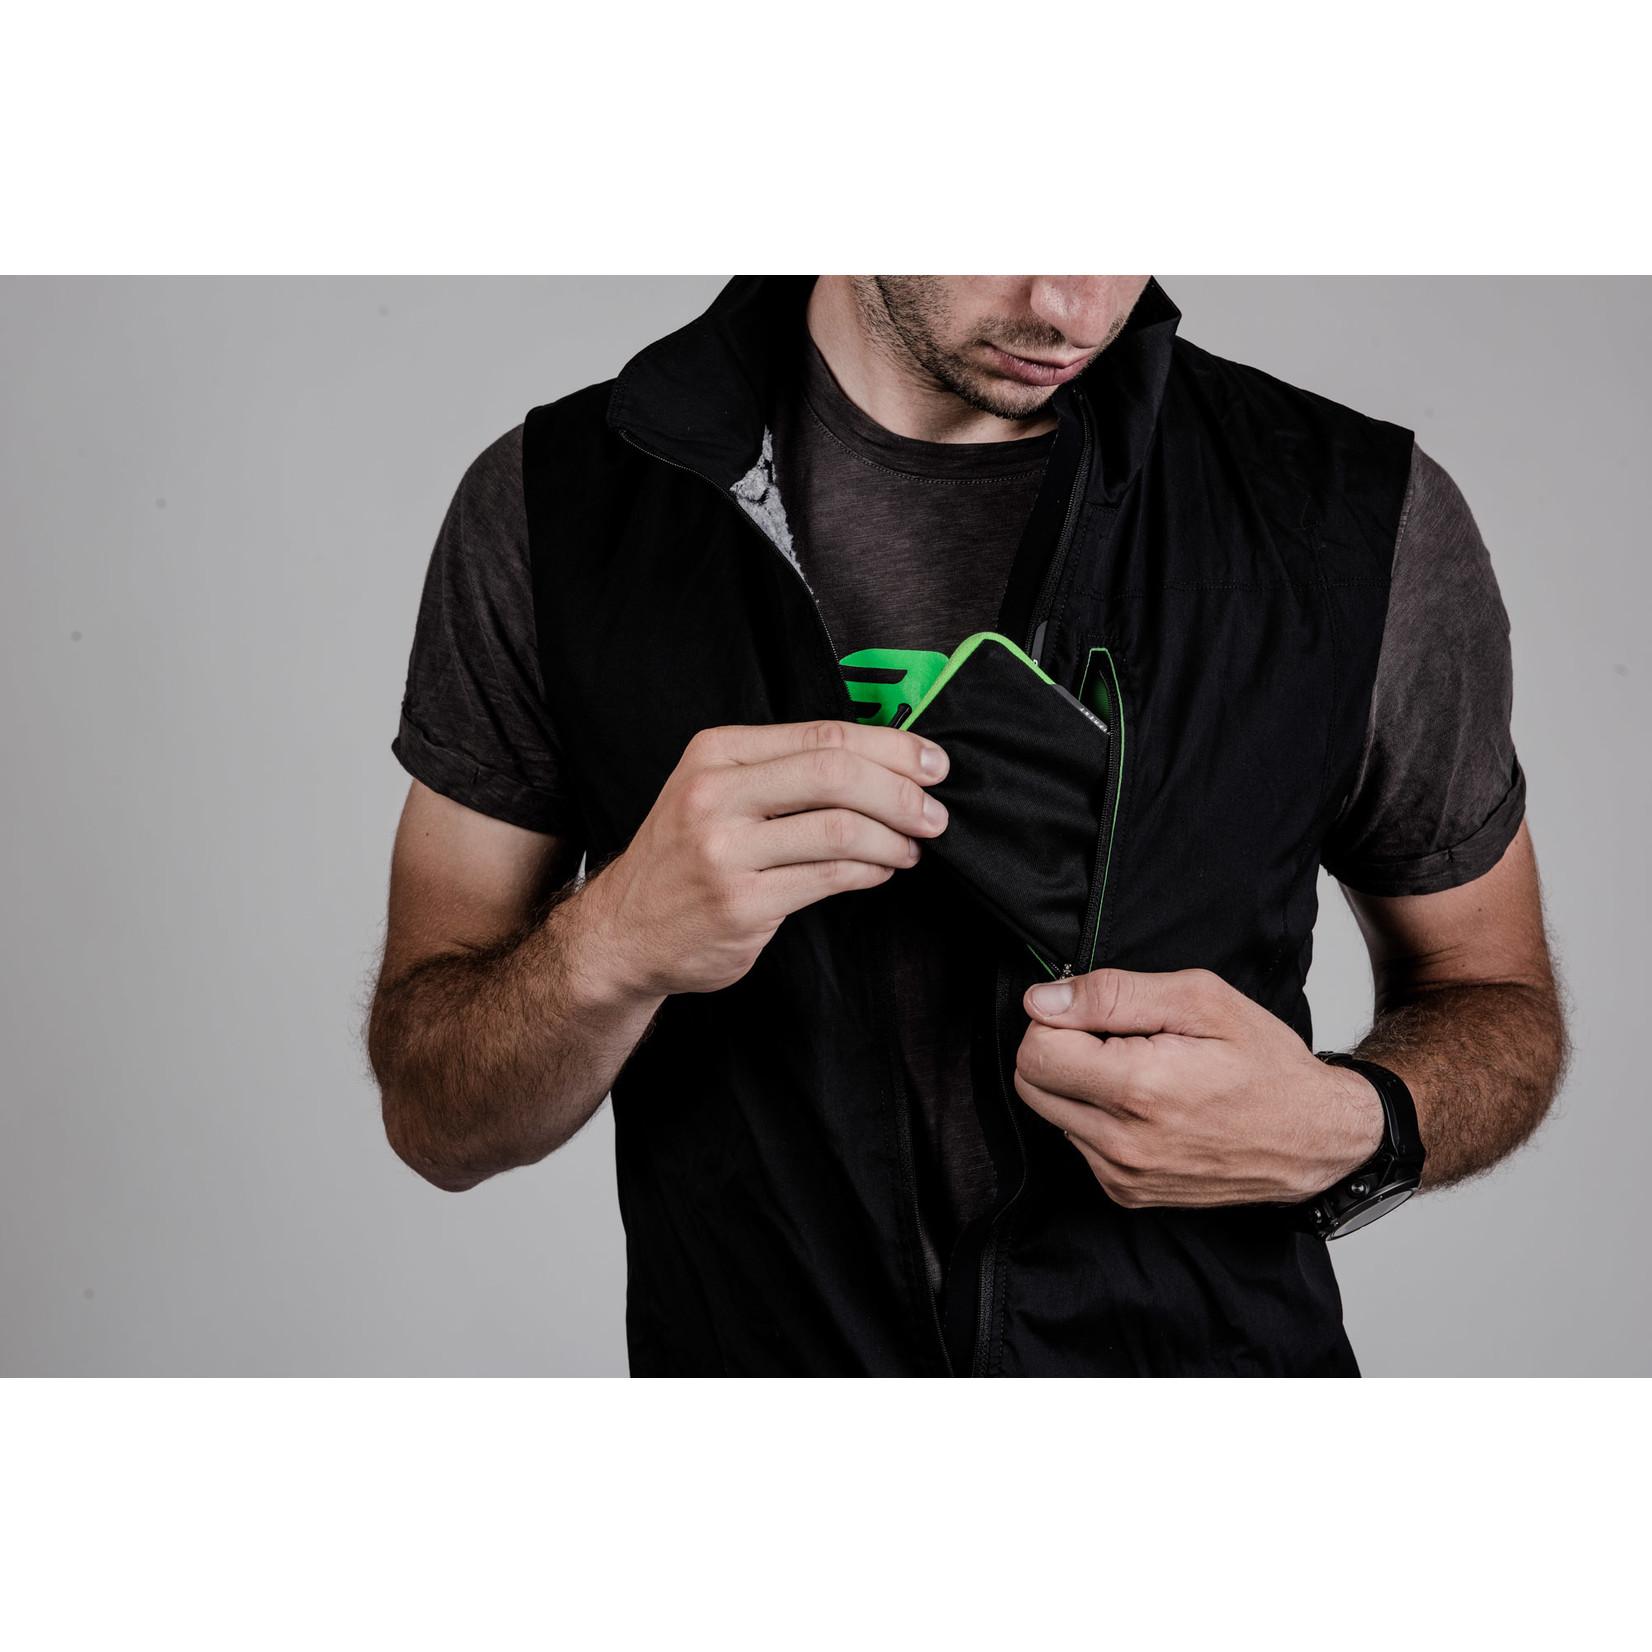 Q36.5 Q36.5 Smart Protector - Black